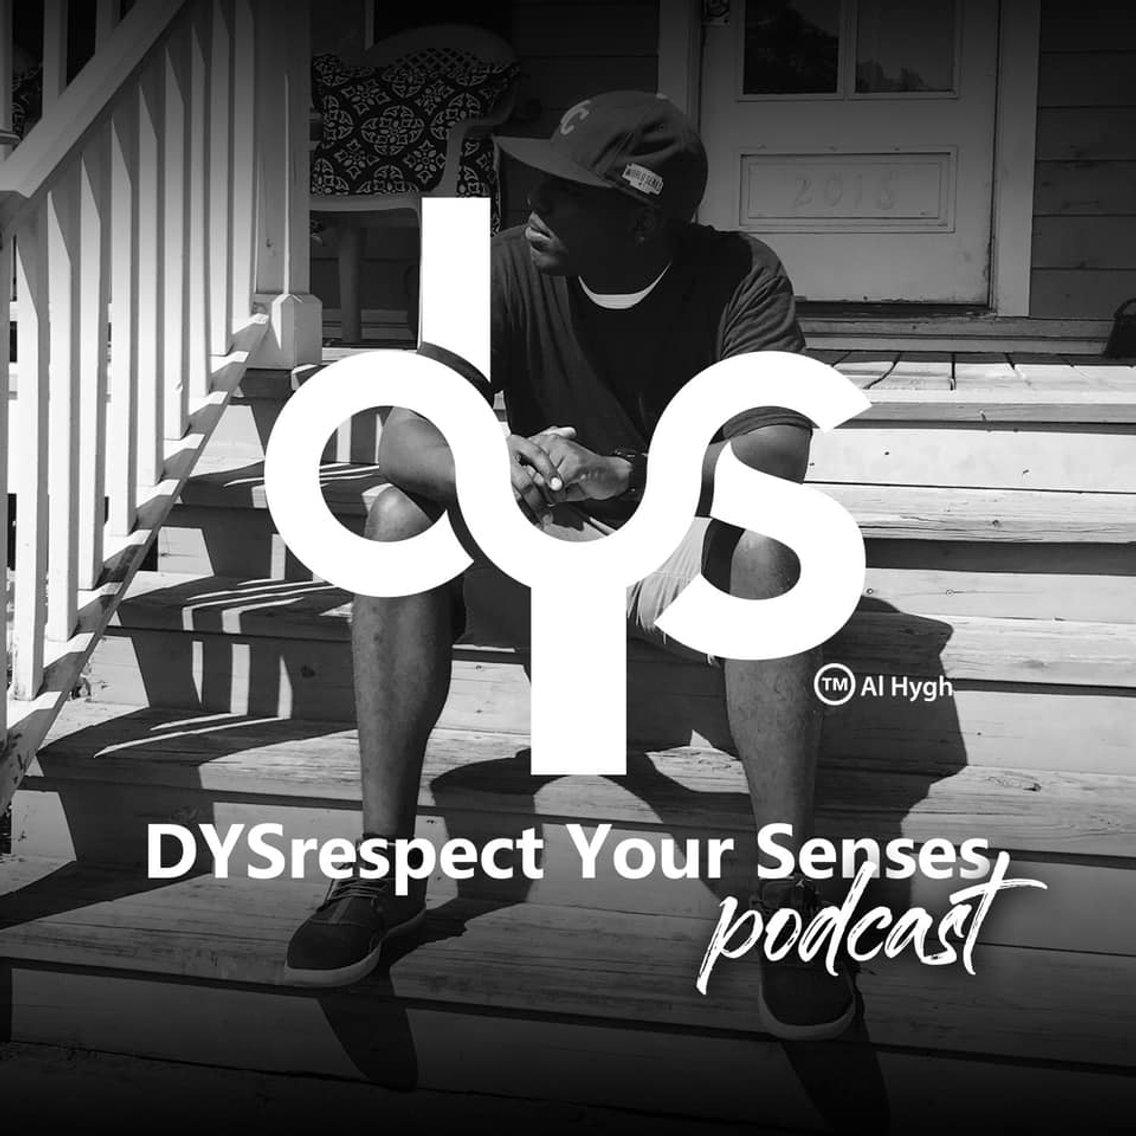 DYSrespect Your Senses Podcast - immagine di copertina